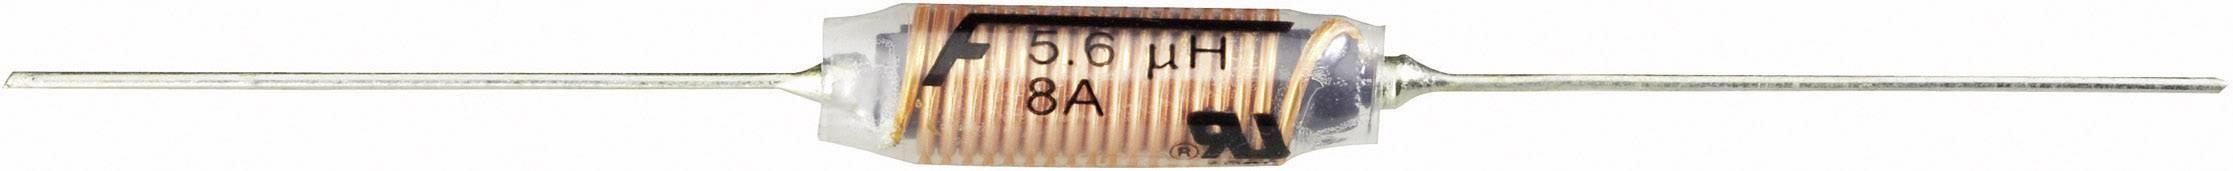 Tlmivka axiálne vývody Fastron 77A-102M-00, 1000 µH, 0.8 A, 10 %, 1 ks